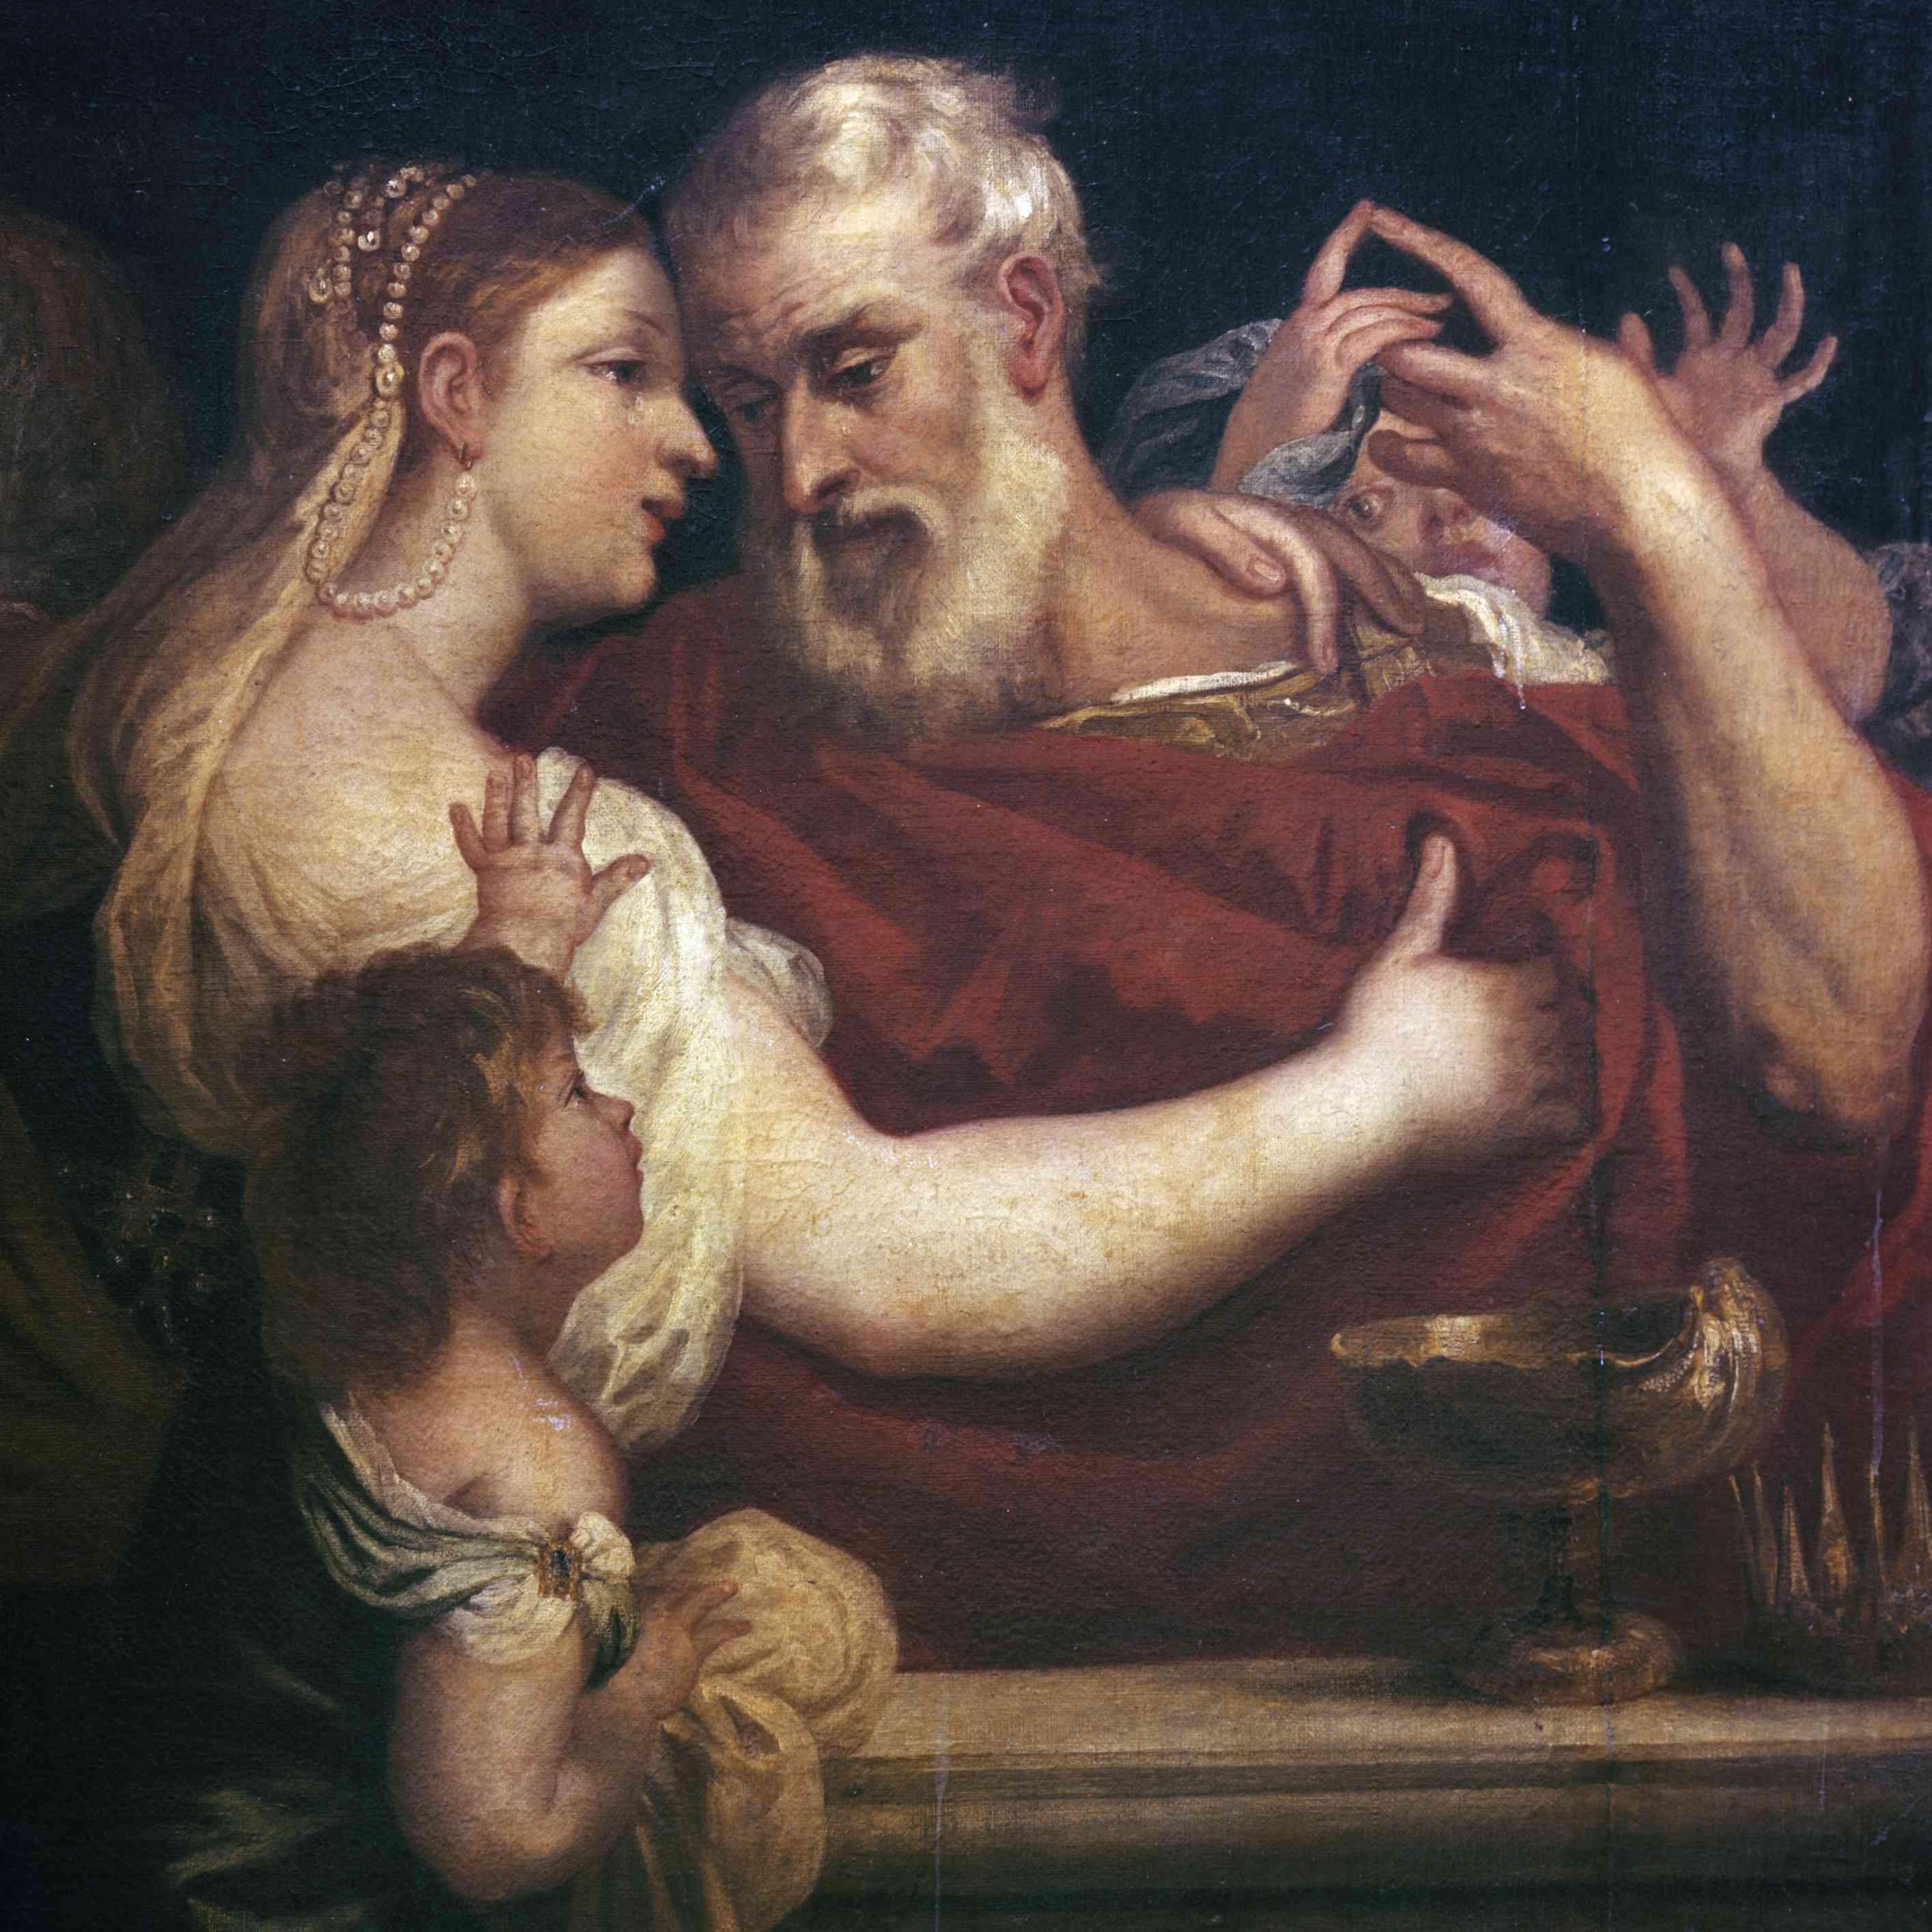 Anthony & Cleopatra by Padovanino